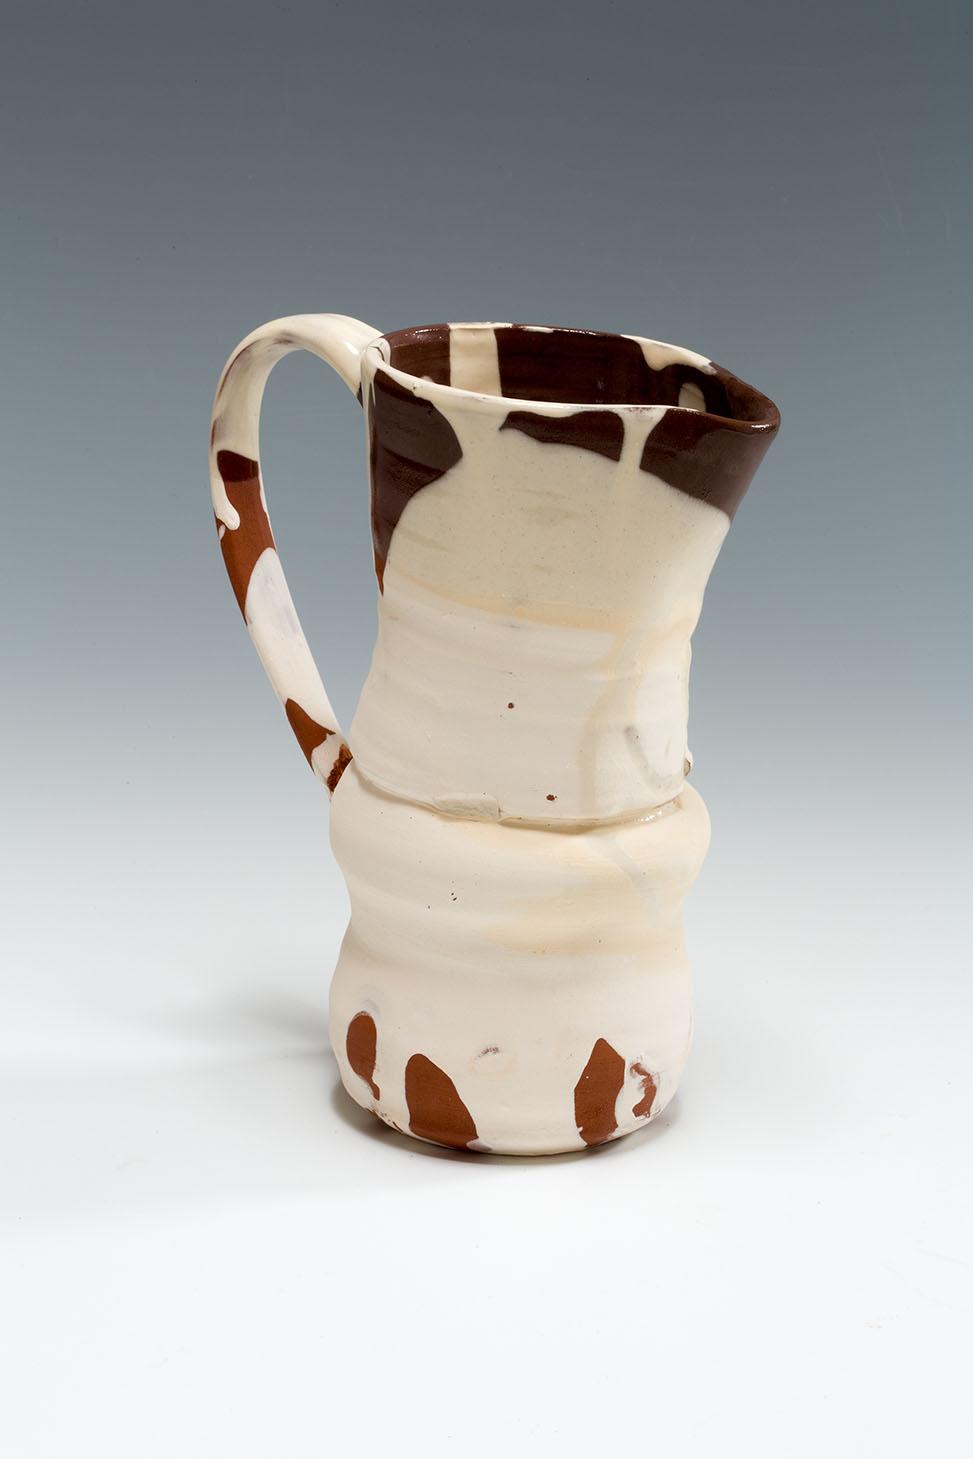 Slipware Jugs, terracotta, slip and honey glaze